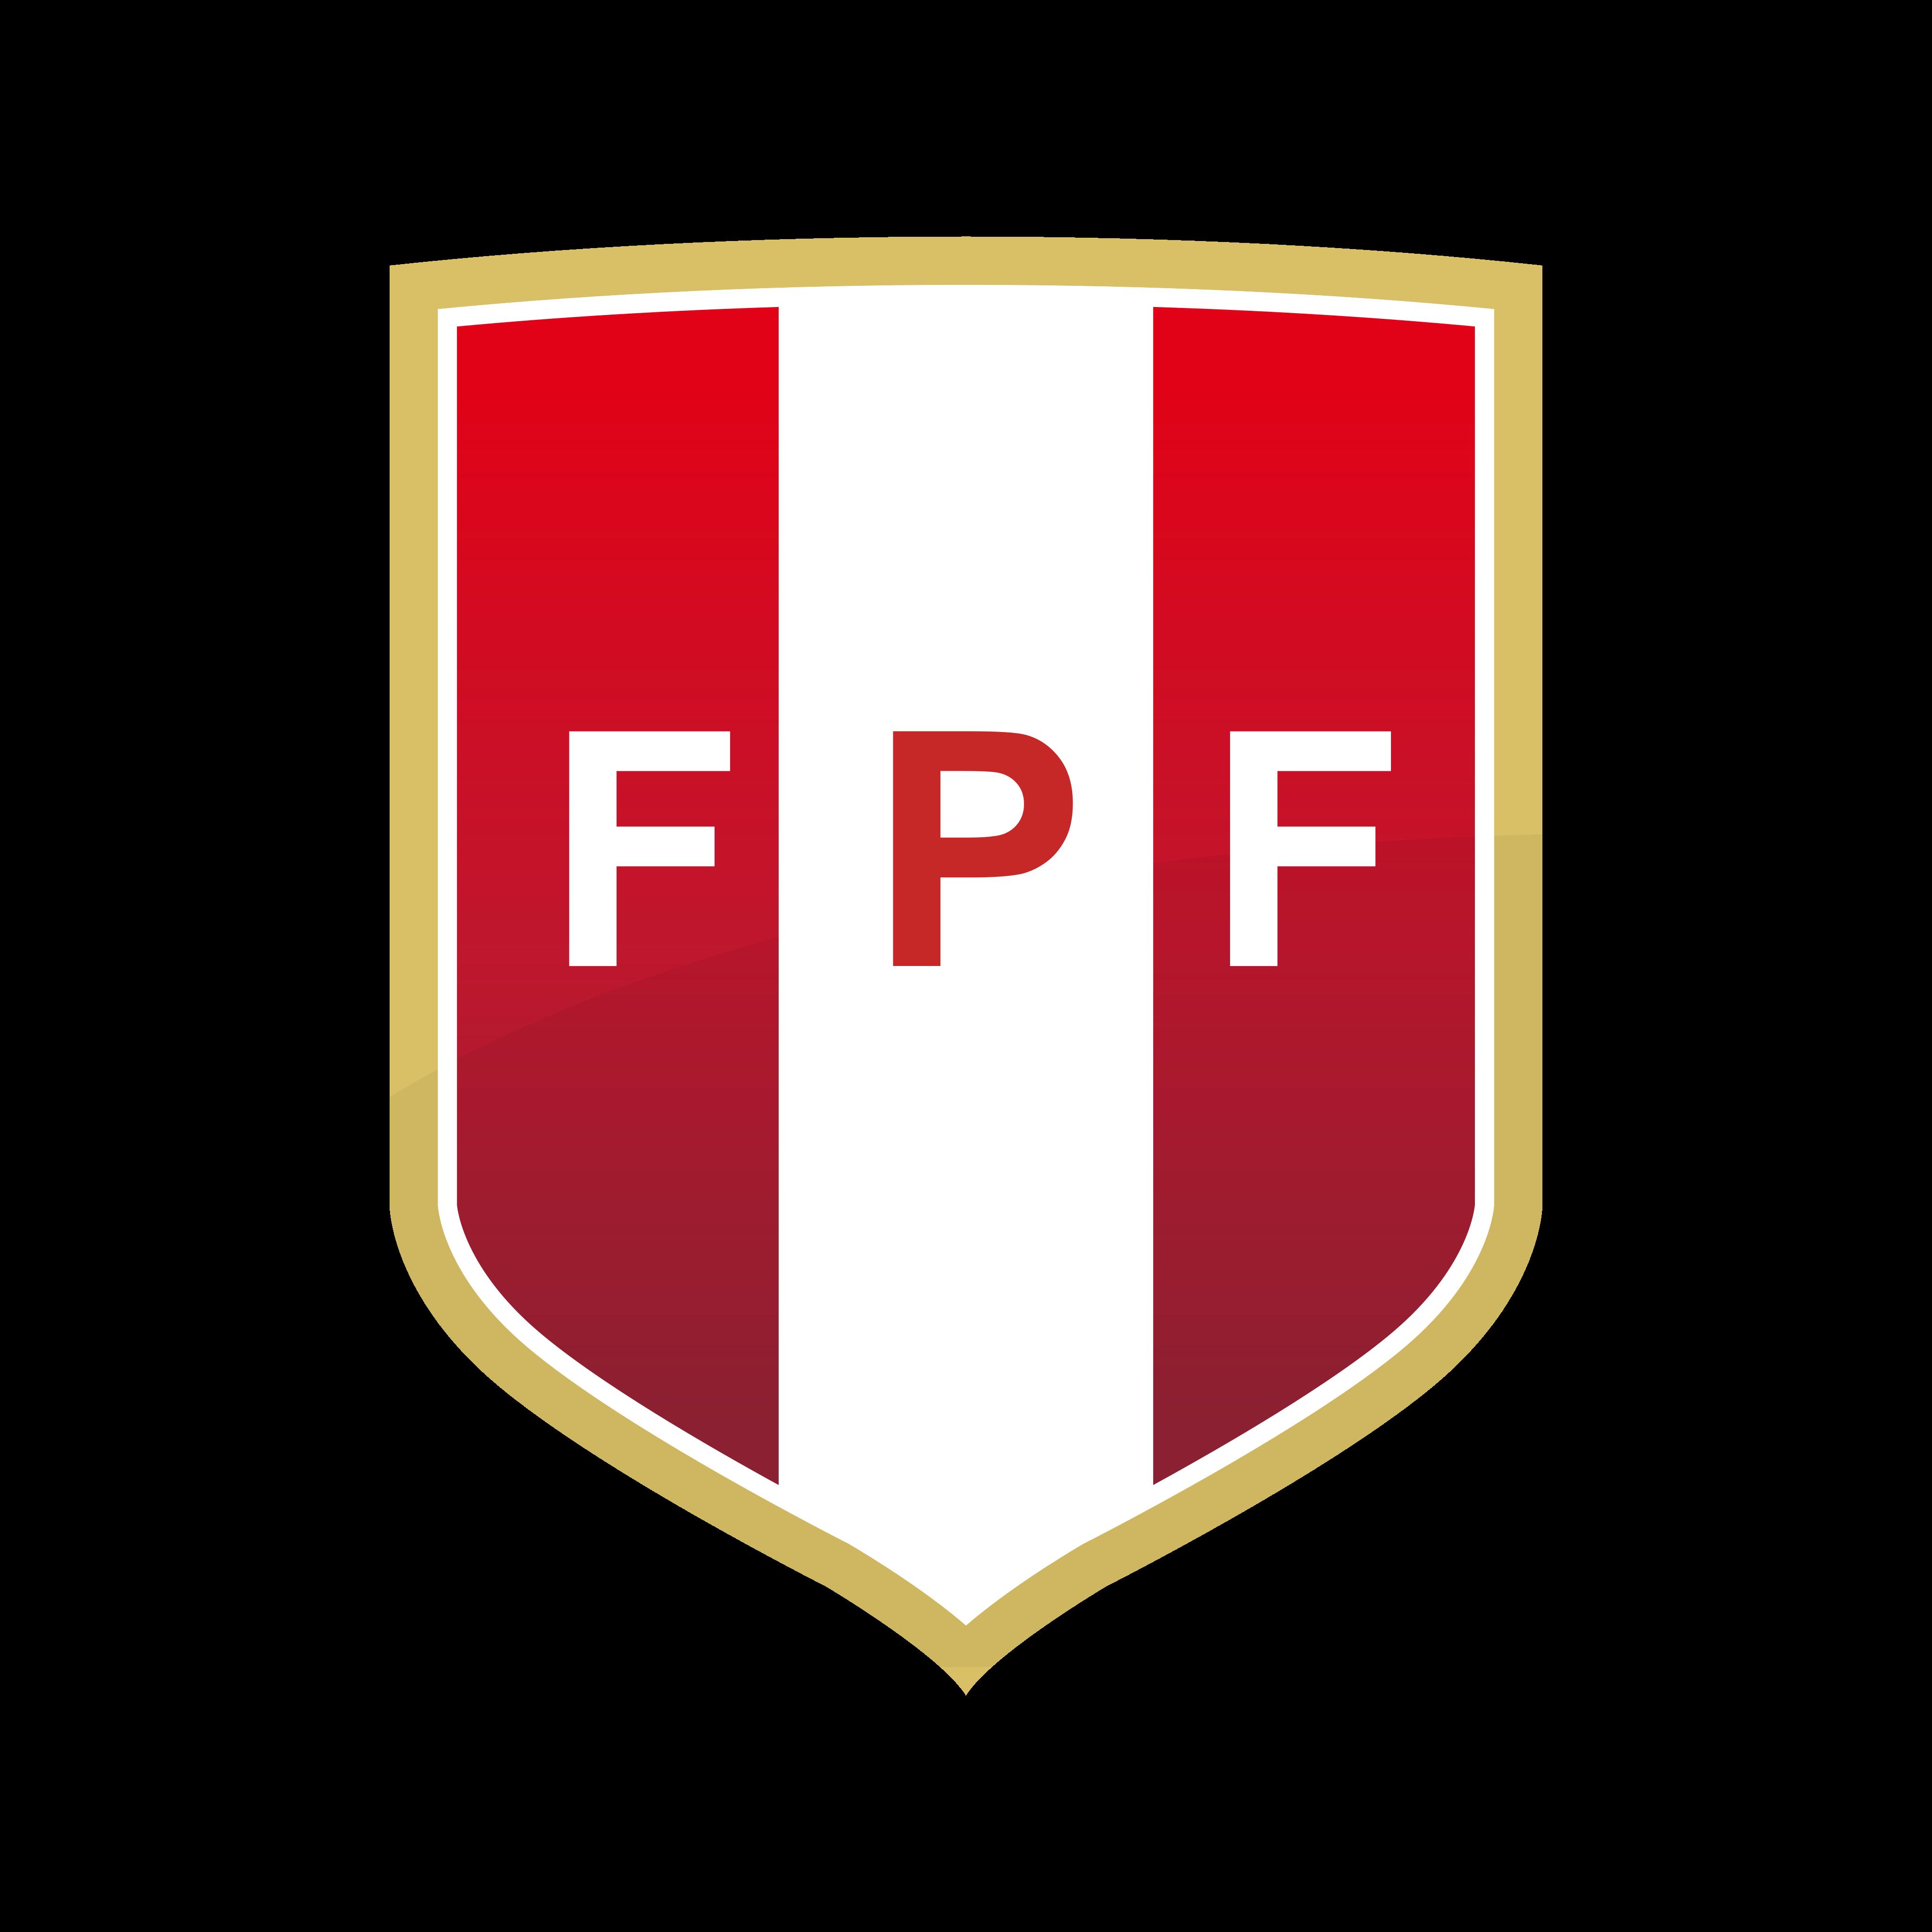 fpf selección de futbol del peru logo 0 - FPF Logo - Seleção do Peru Logo